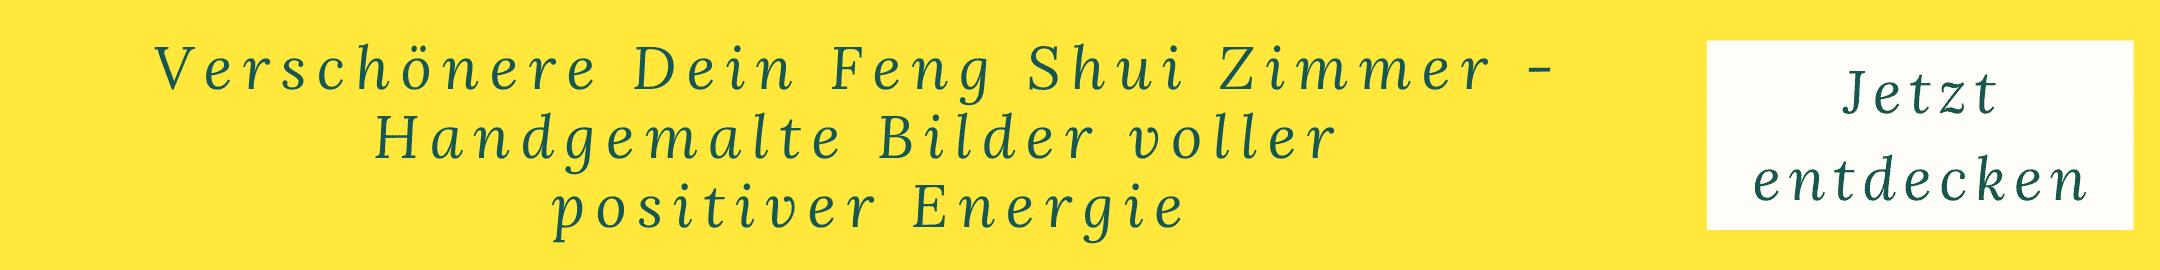 Spirituelle Bilder für Dein Feng Shui Zimmer online kaufen